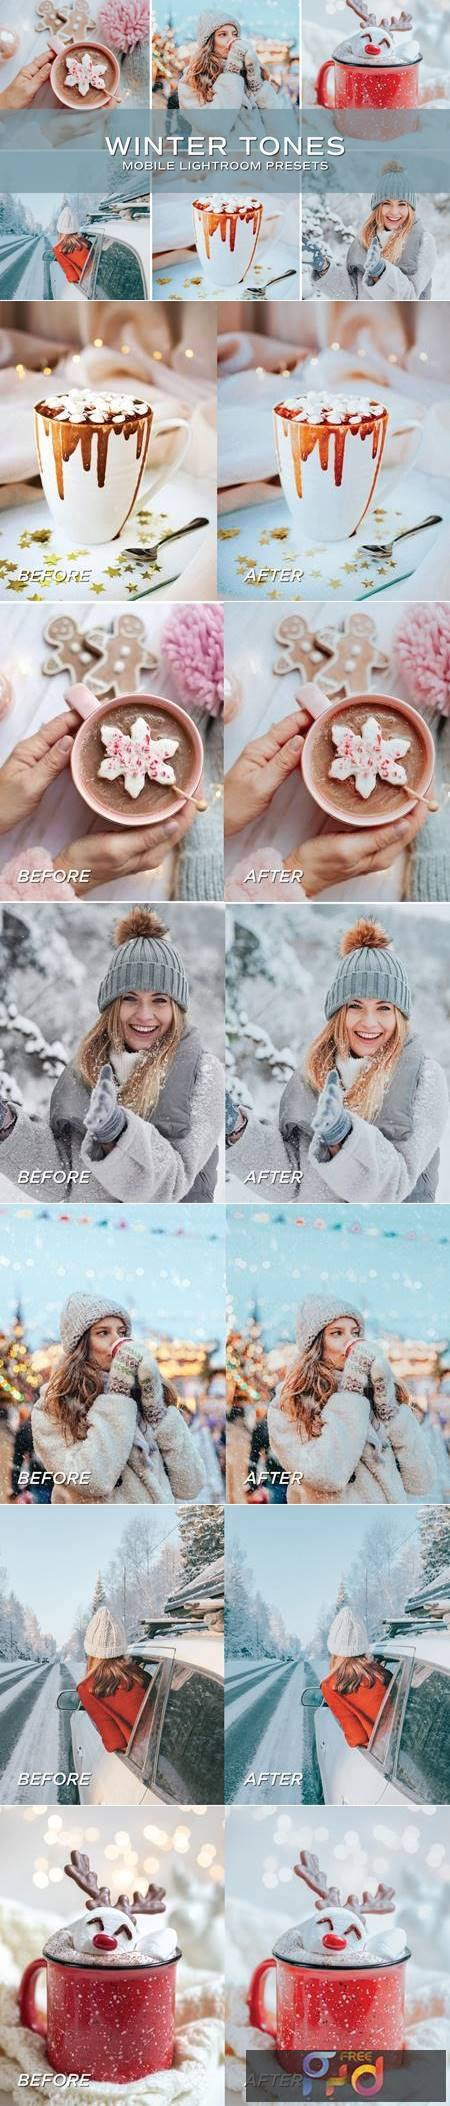 5 Winter Tones Lightroom Presets 5698860 1